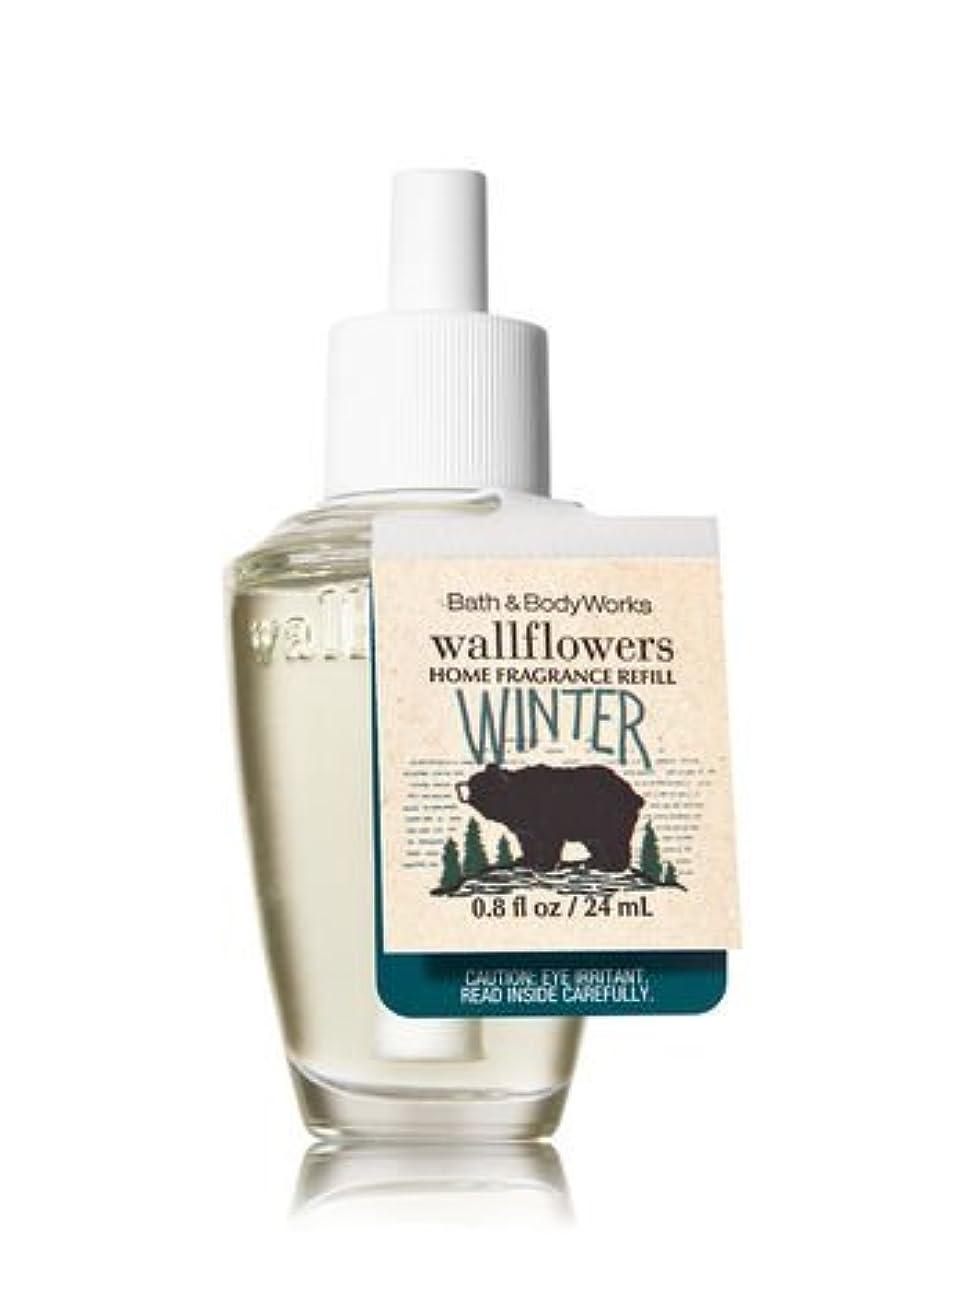 アウトドア表現ドキュメンタリー【Bath&Body Works/バス&ボディワークス】 ルームフレグランス 詰替えリフィル ウィンター Wallflowers Home Fragrance Refill Winter [並行輸入品]